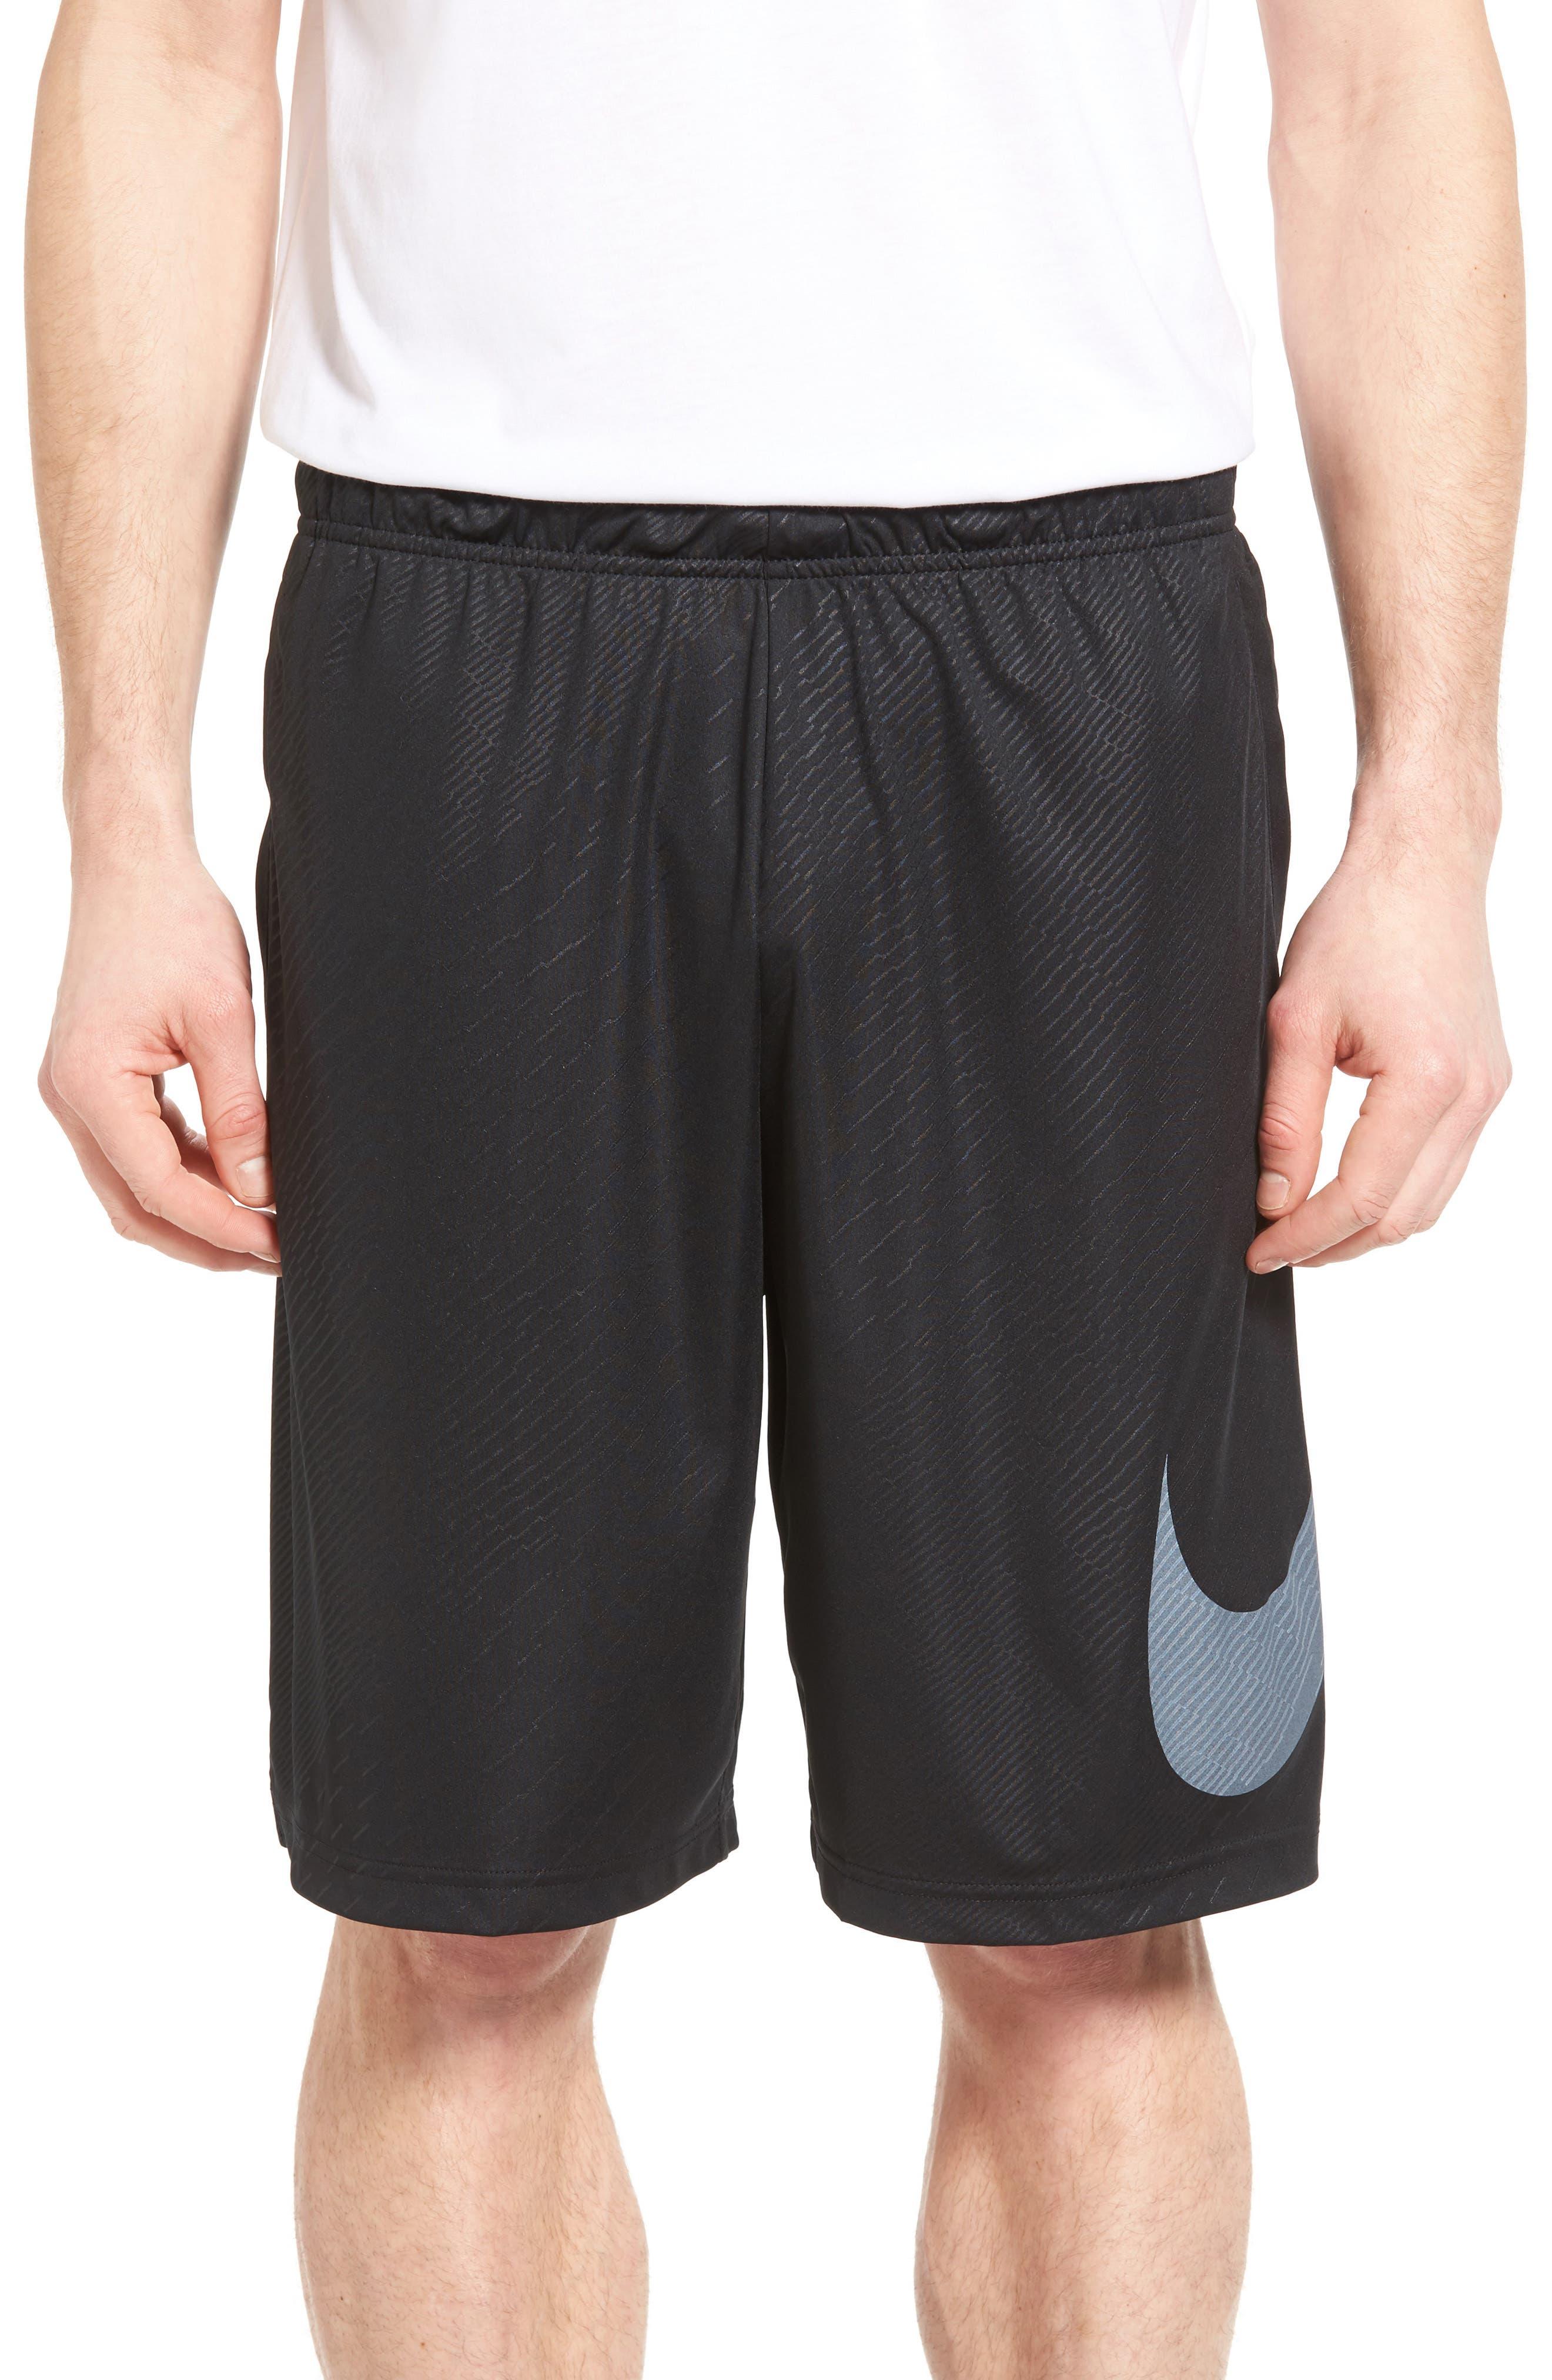 Dry Training Shorts,                             Main thumbnail 1, color,                             Black/ White